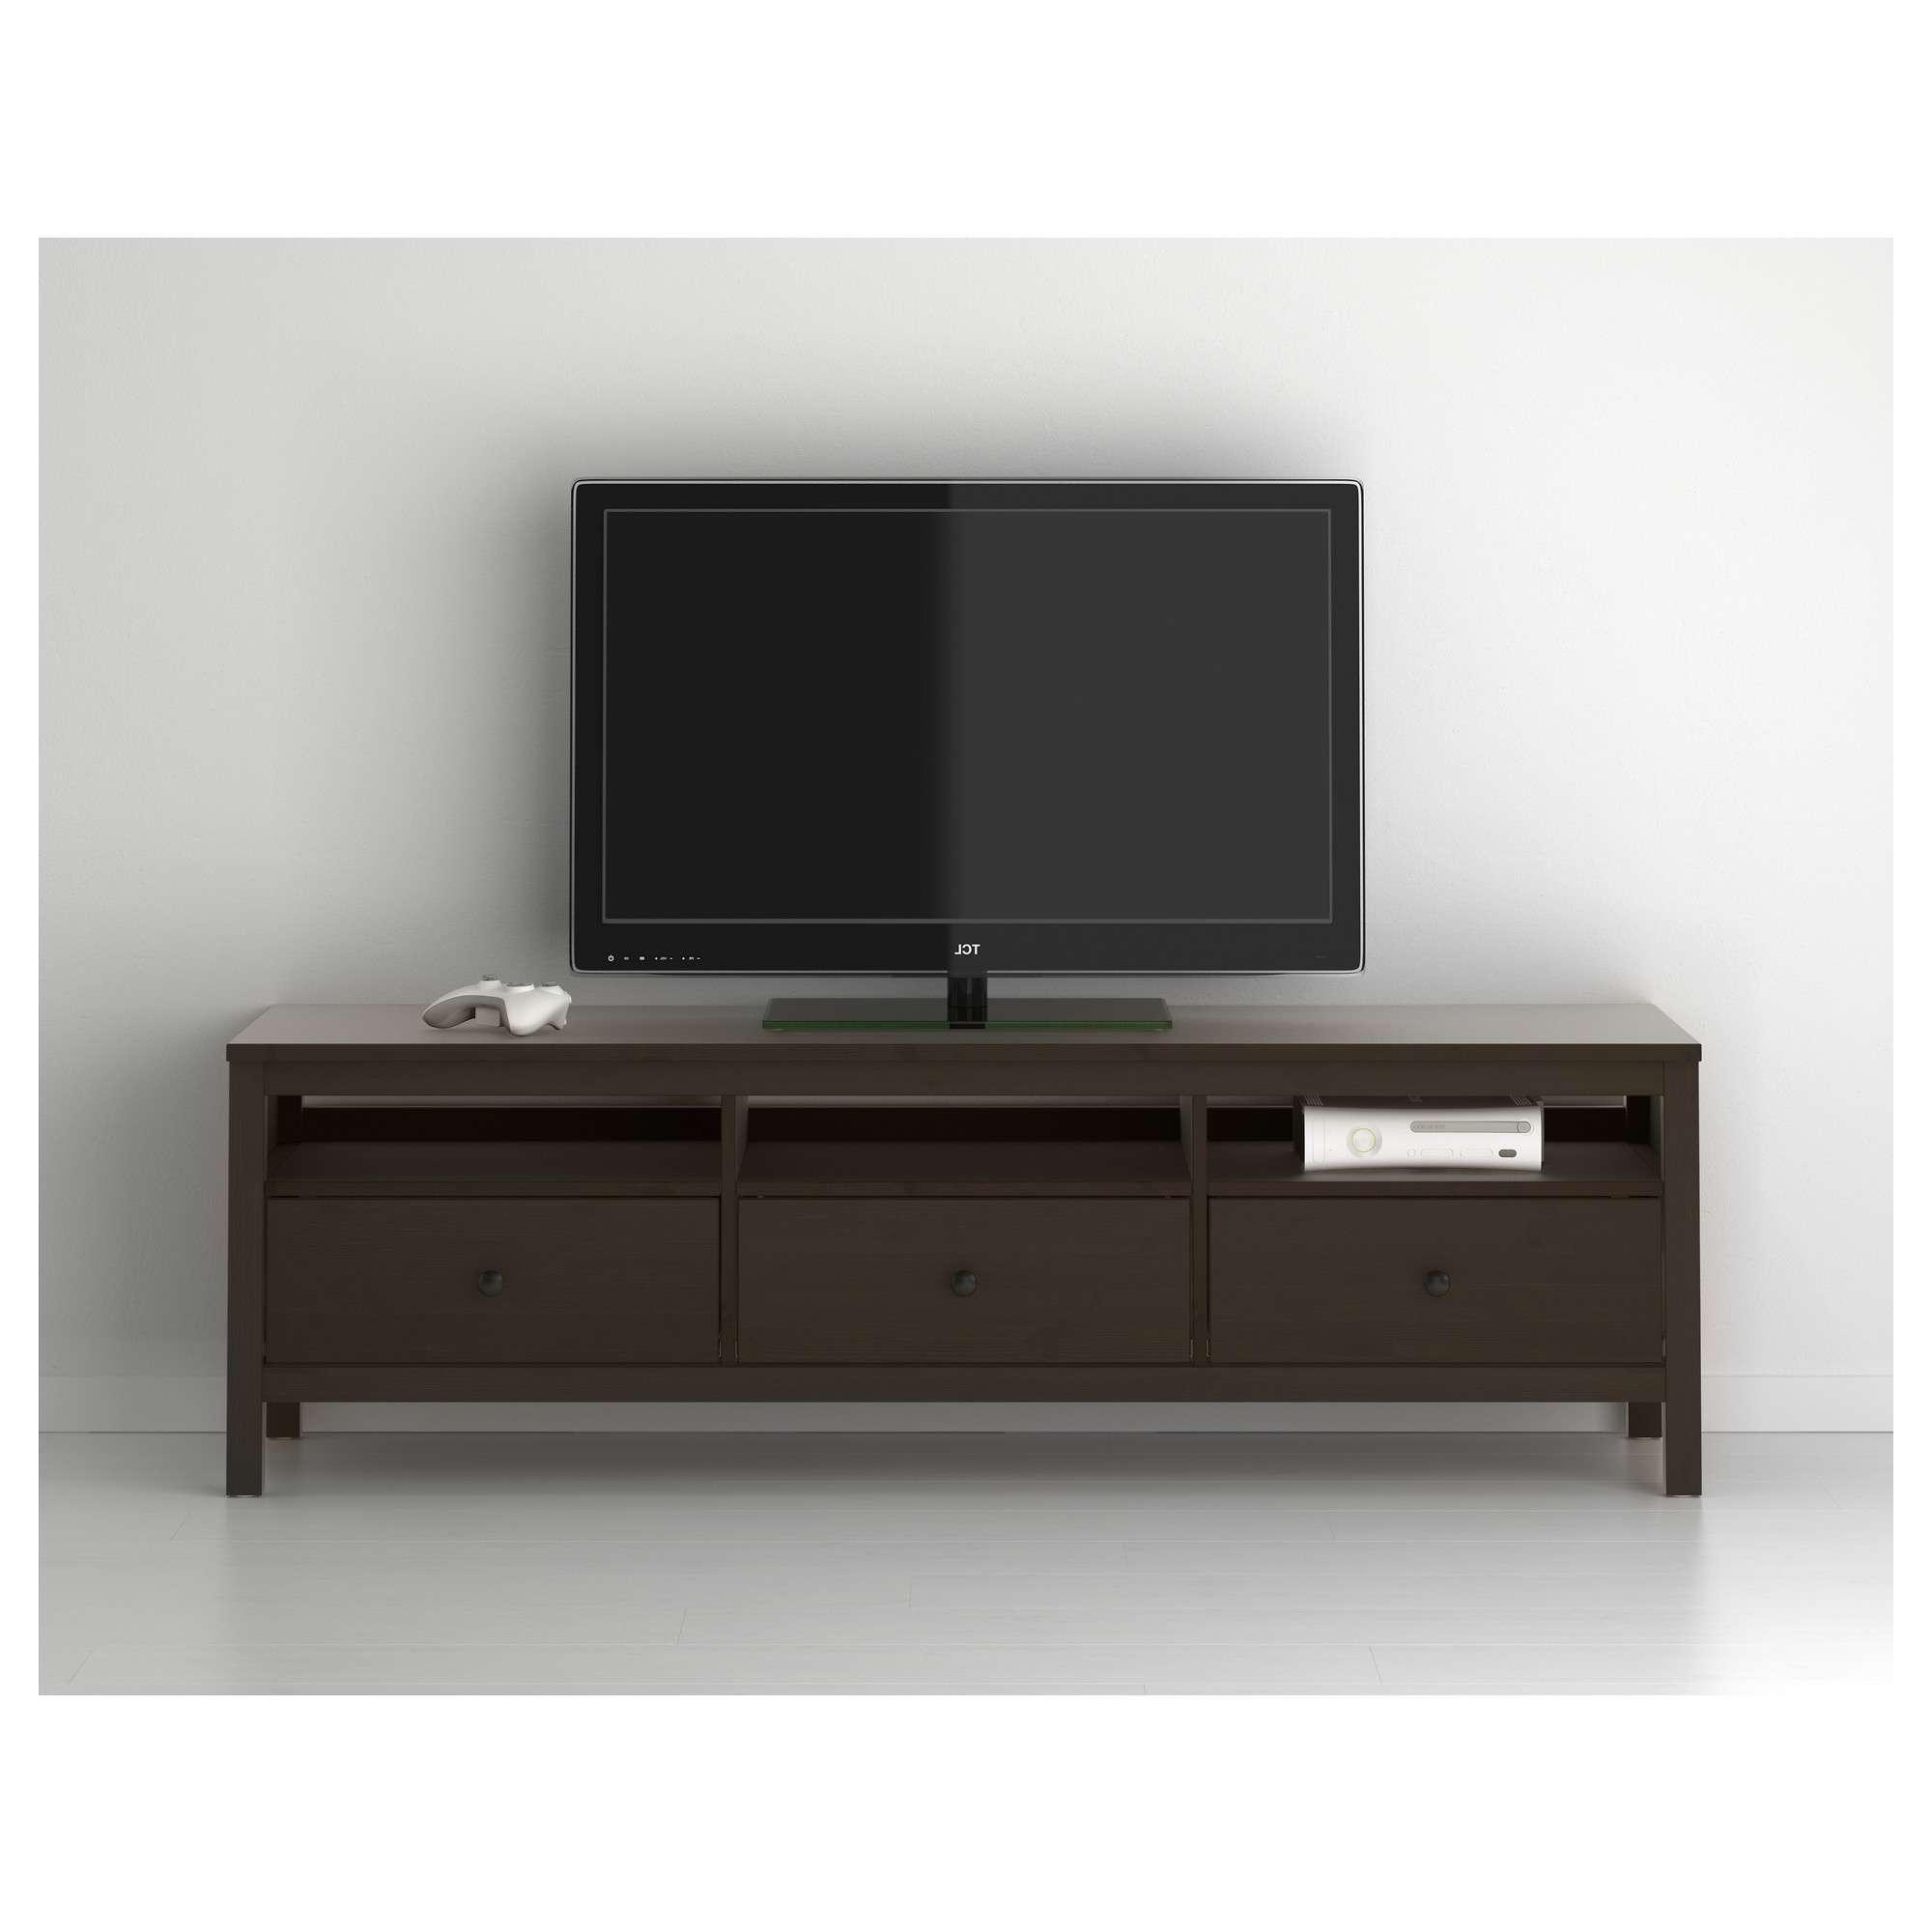 Tv Stands Ik ~ Theshaggsonline Regarding Bench Tv Stands (View 13 of 15)